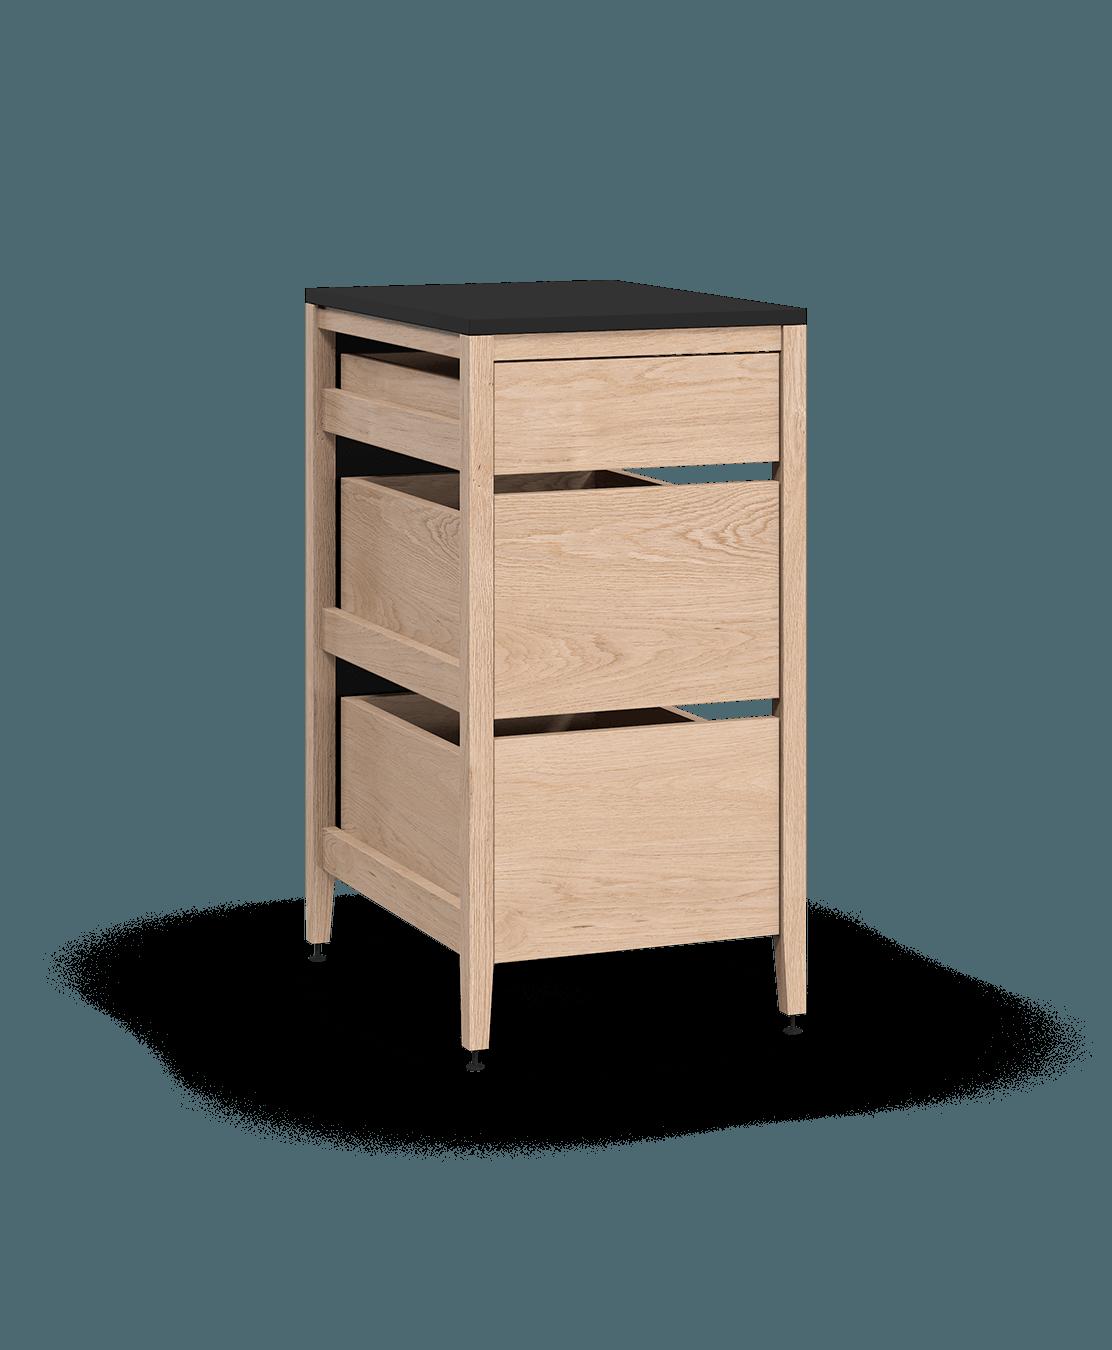 armoire de cuisine modulaire inférieure en bois massif coquo radix avec 3 tiroirs chêne blanc 21 pouces C1-C-21TB-3002-NA